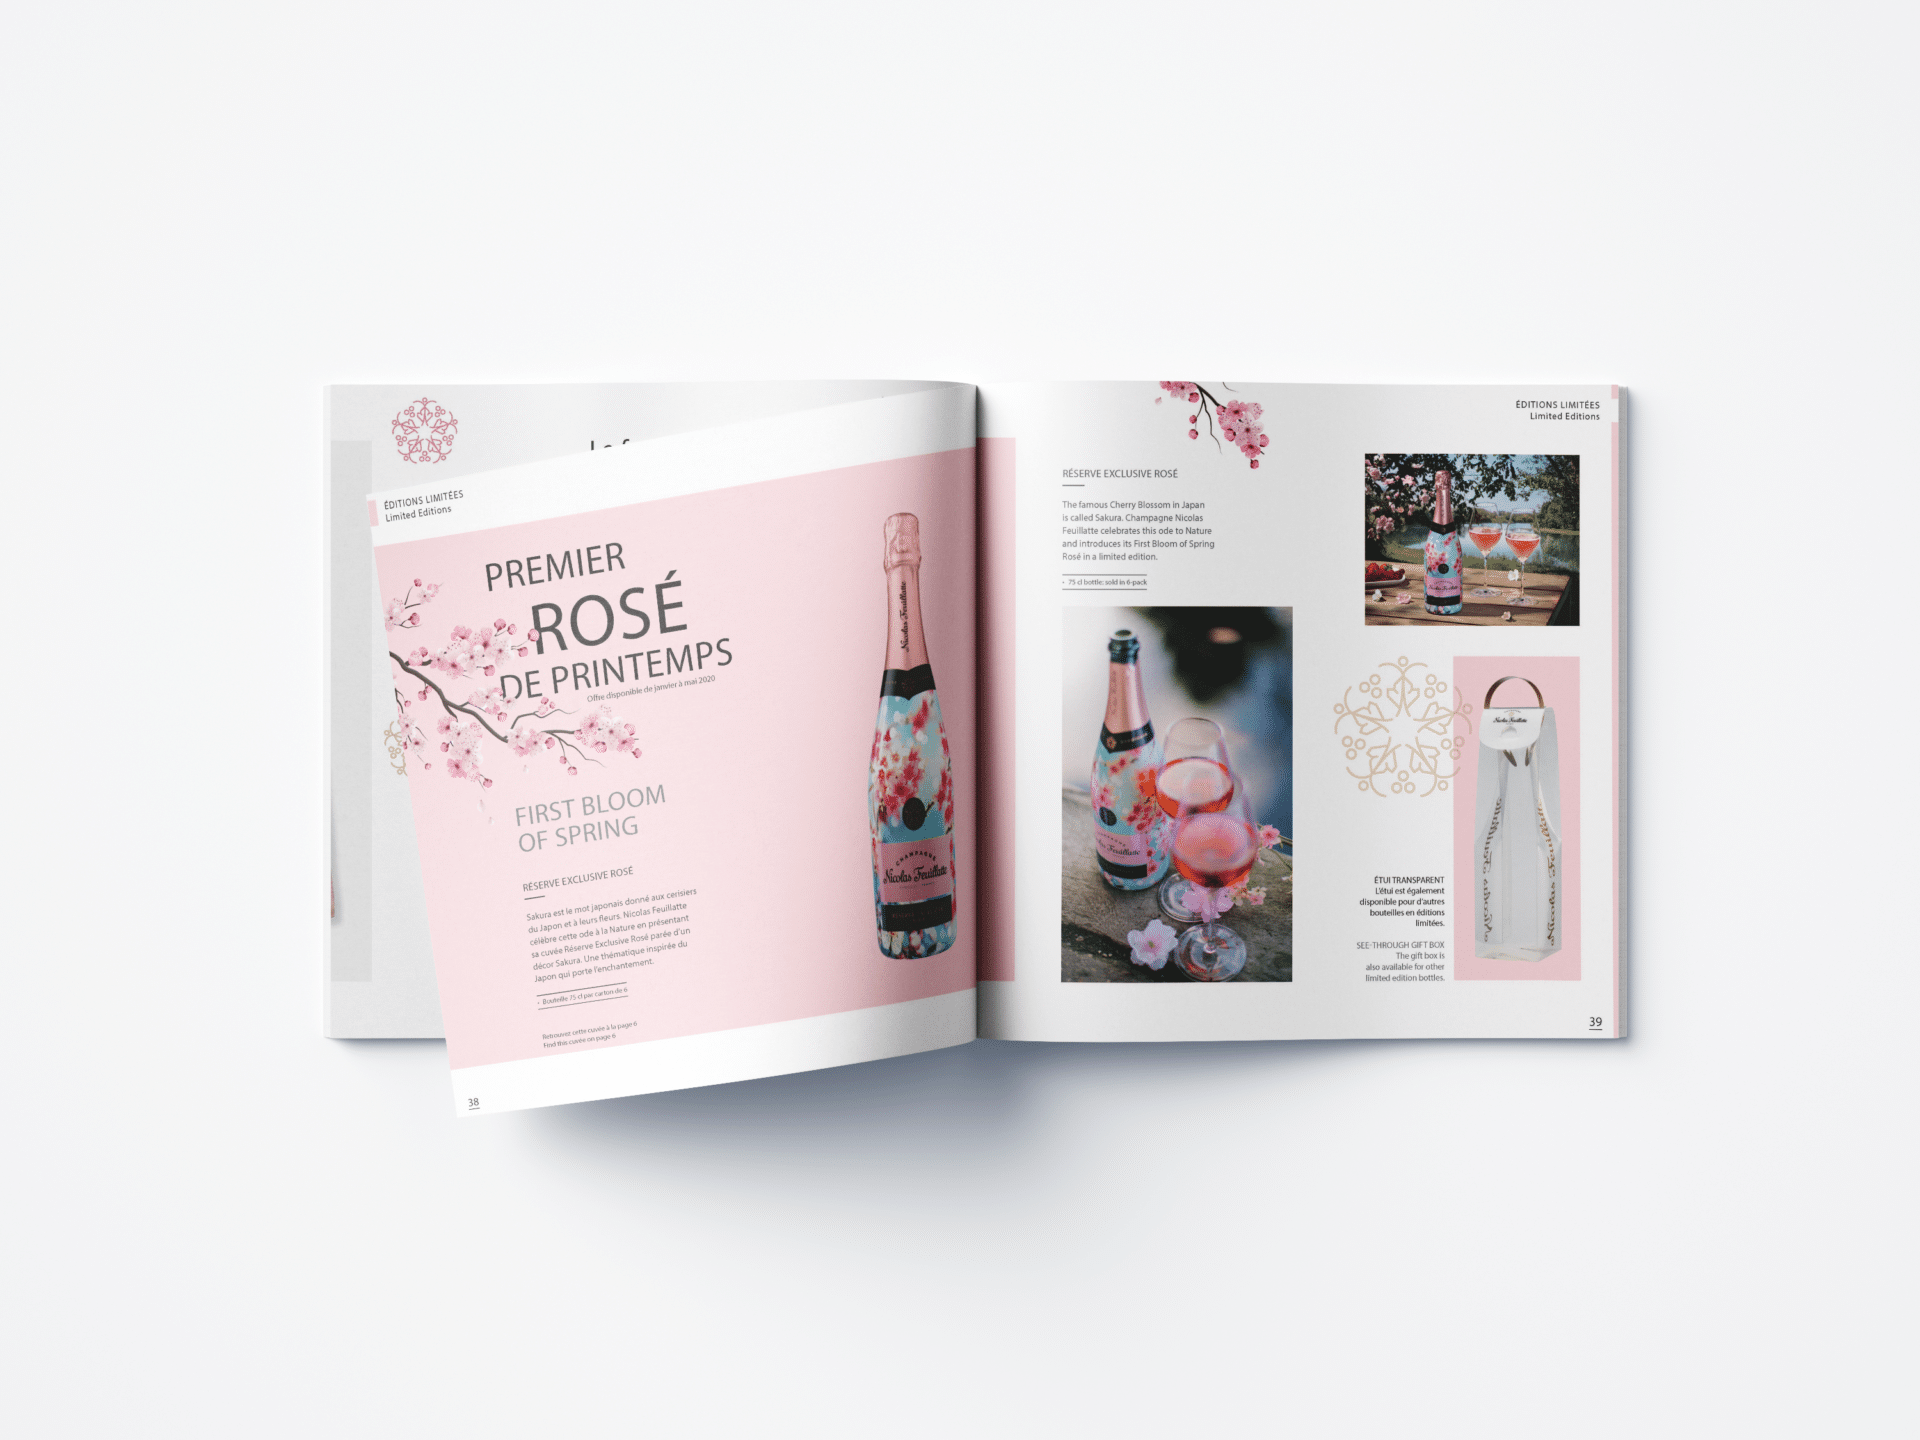 Intérieur du catalogue cadeaux d'affaires Nicolas Feuillatte. Support réalisé par l'agence de communication graphique Siouxe, à Paris.